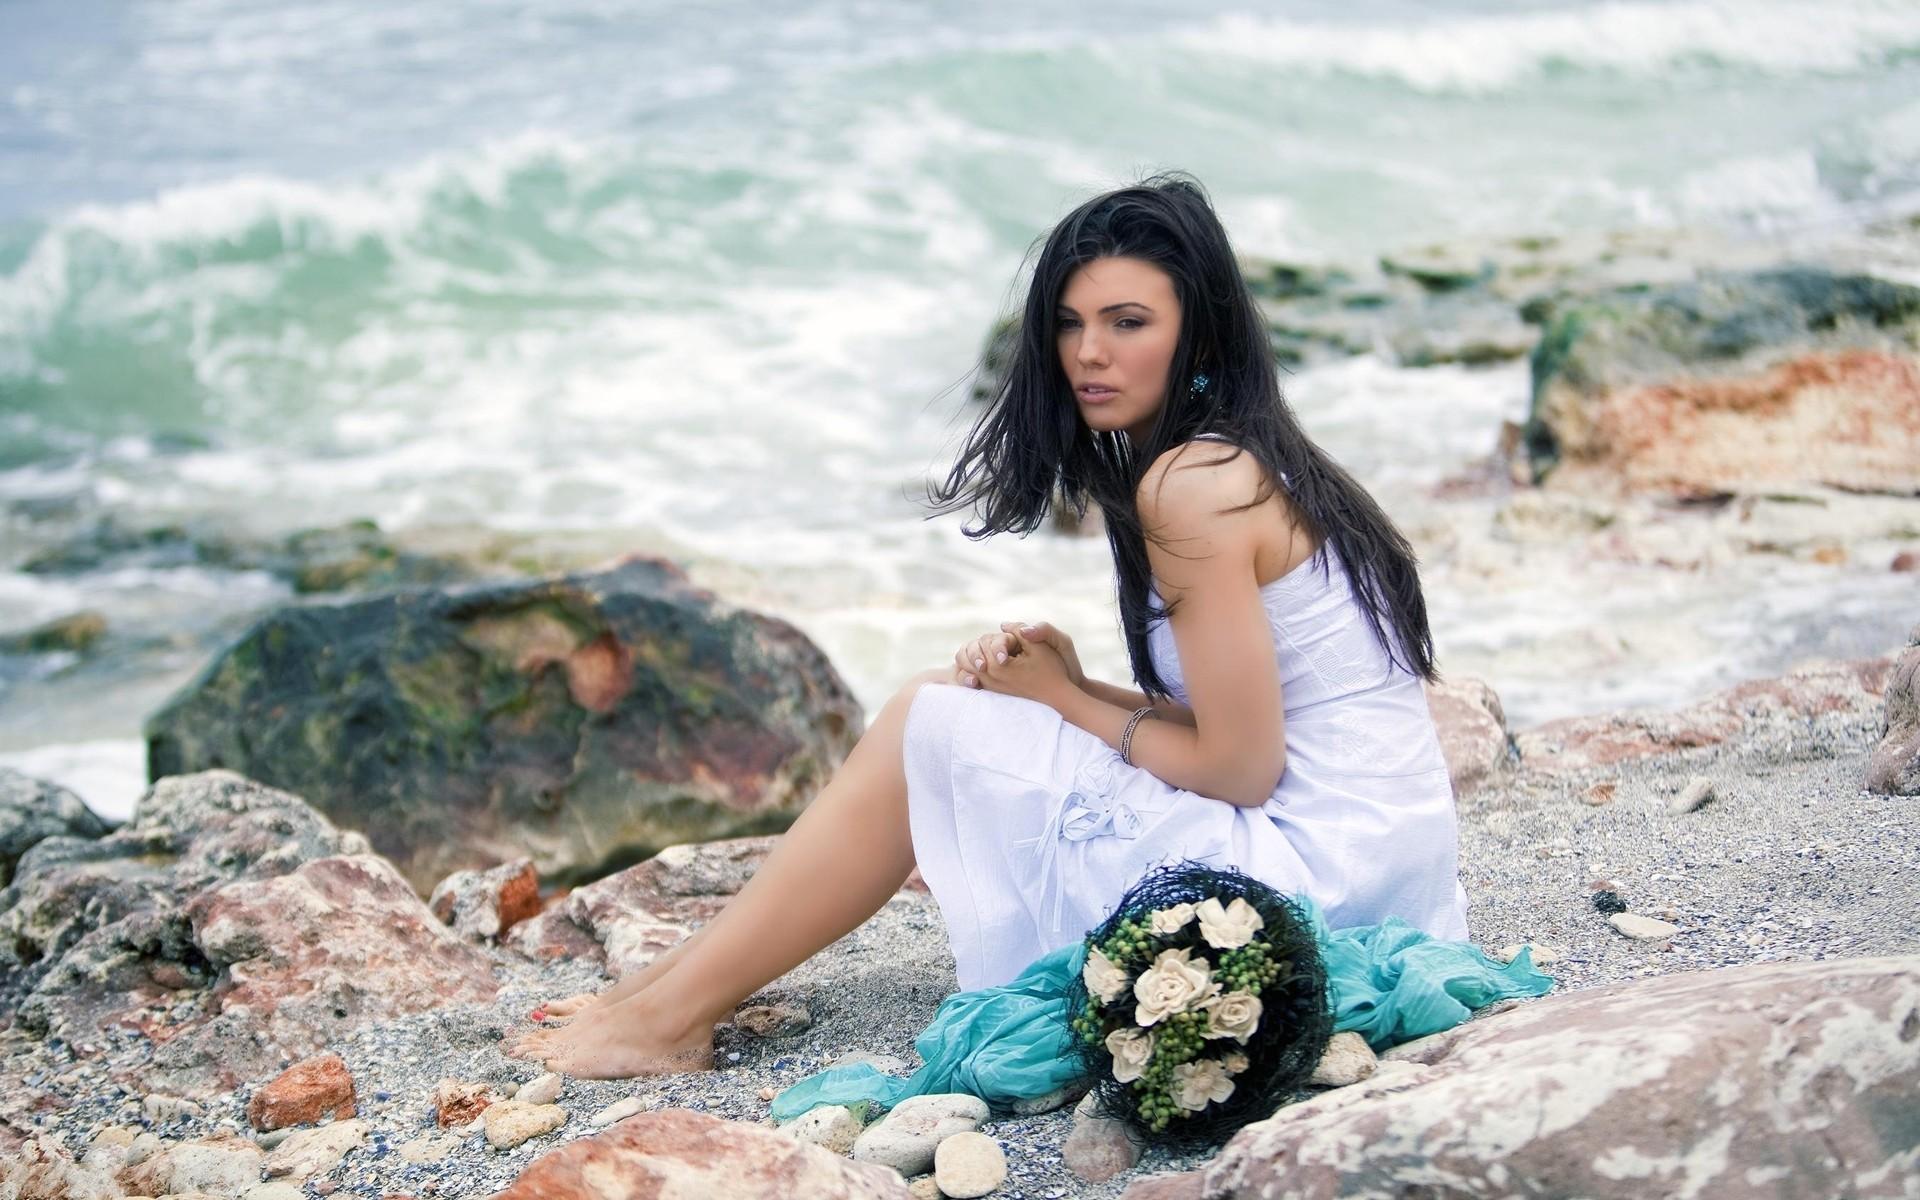 Una novia en la playa - 1920x1200